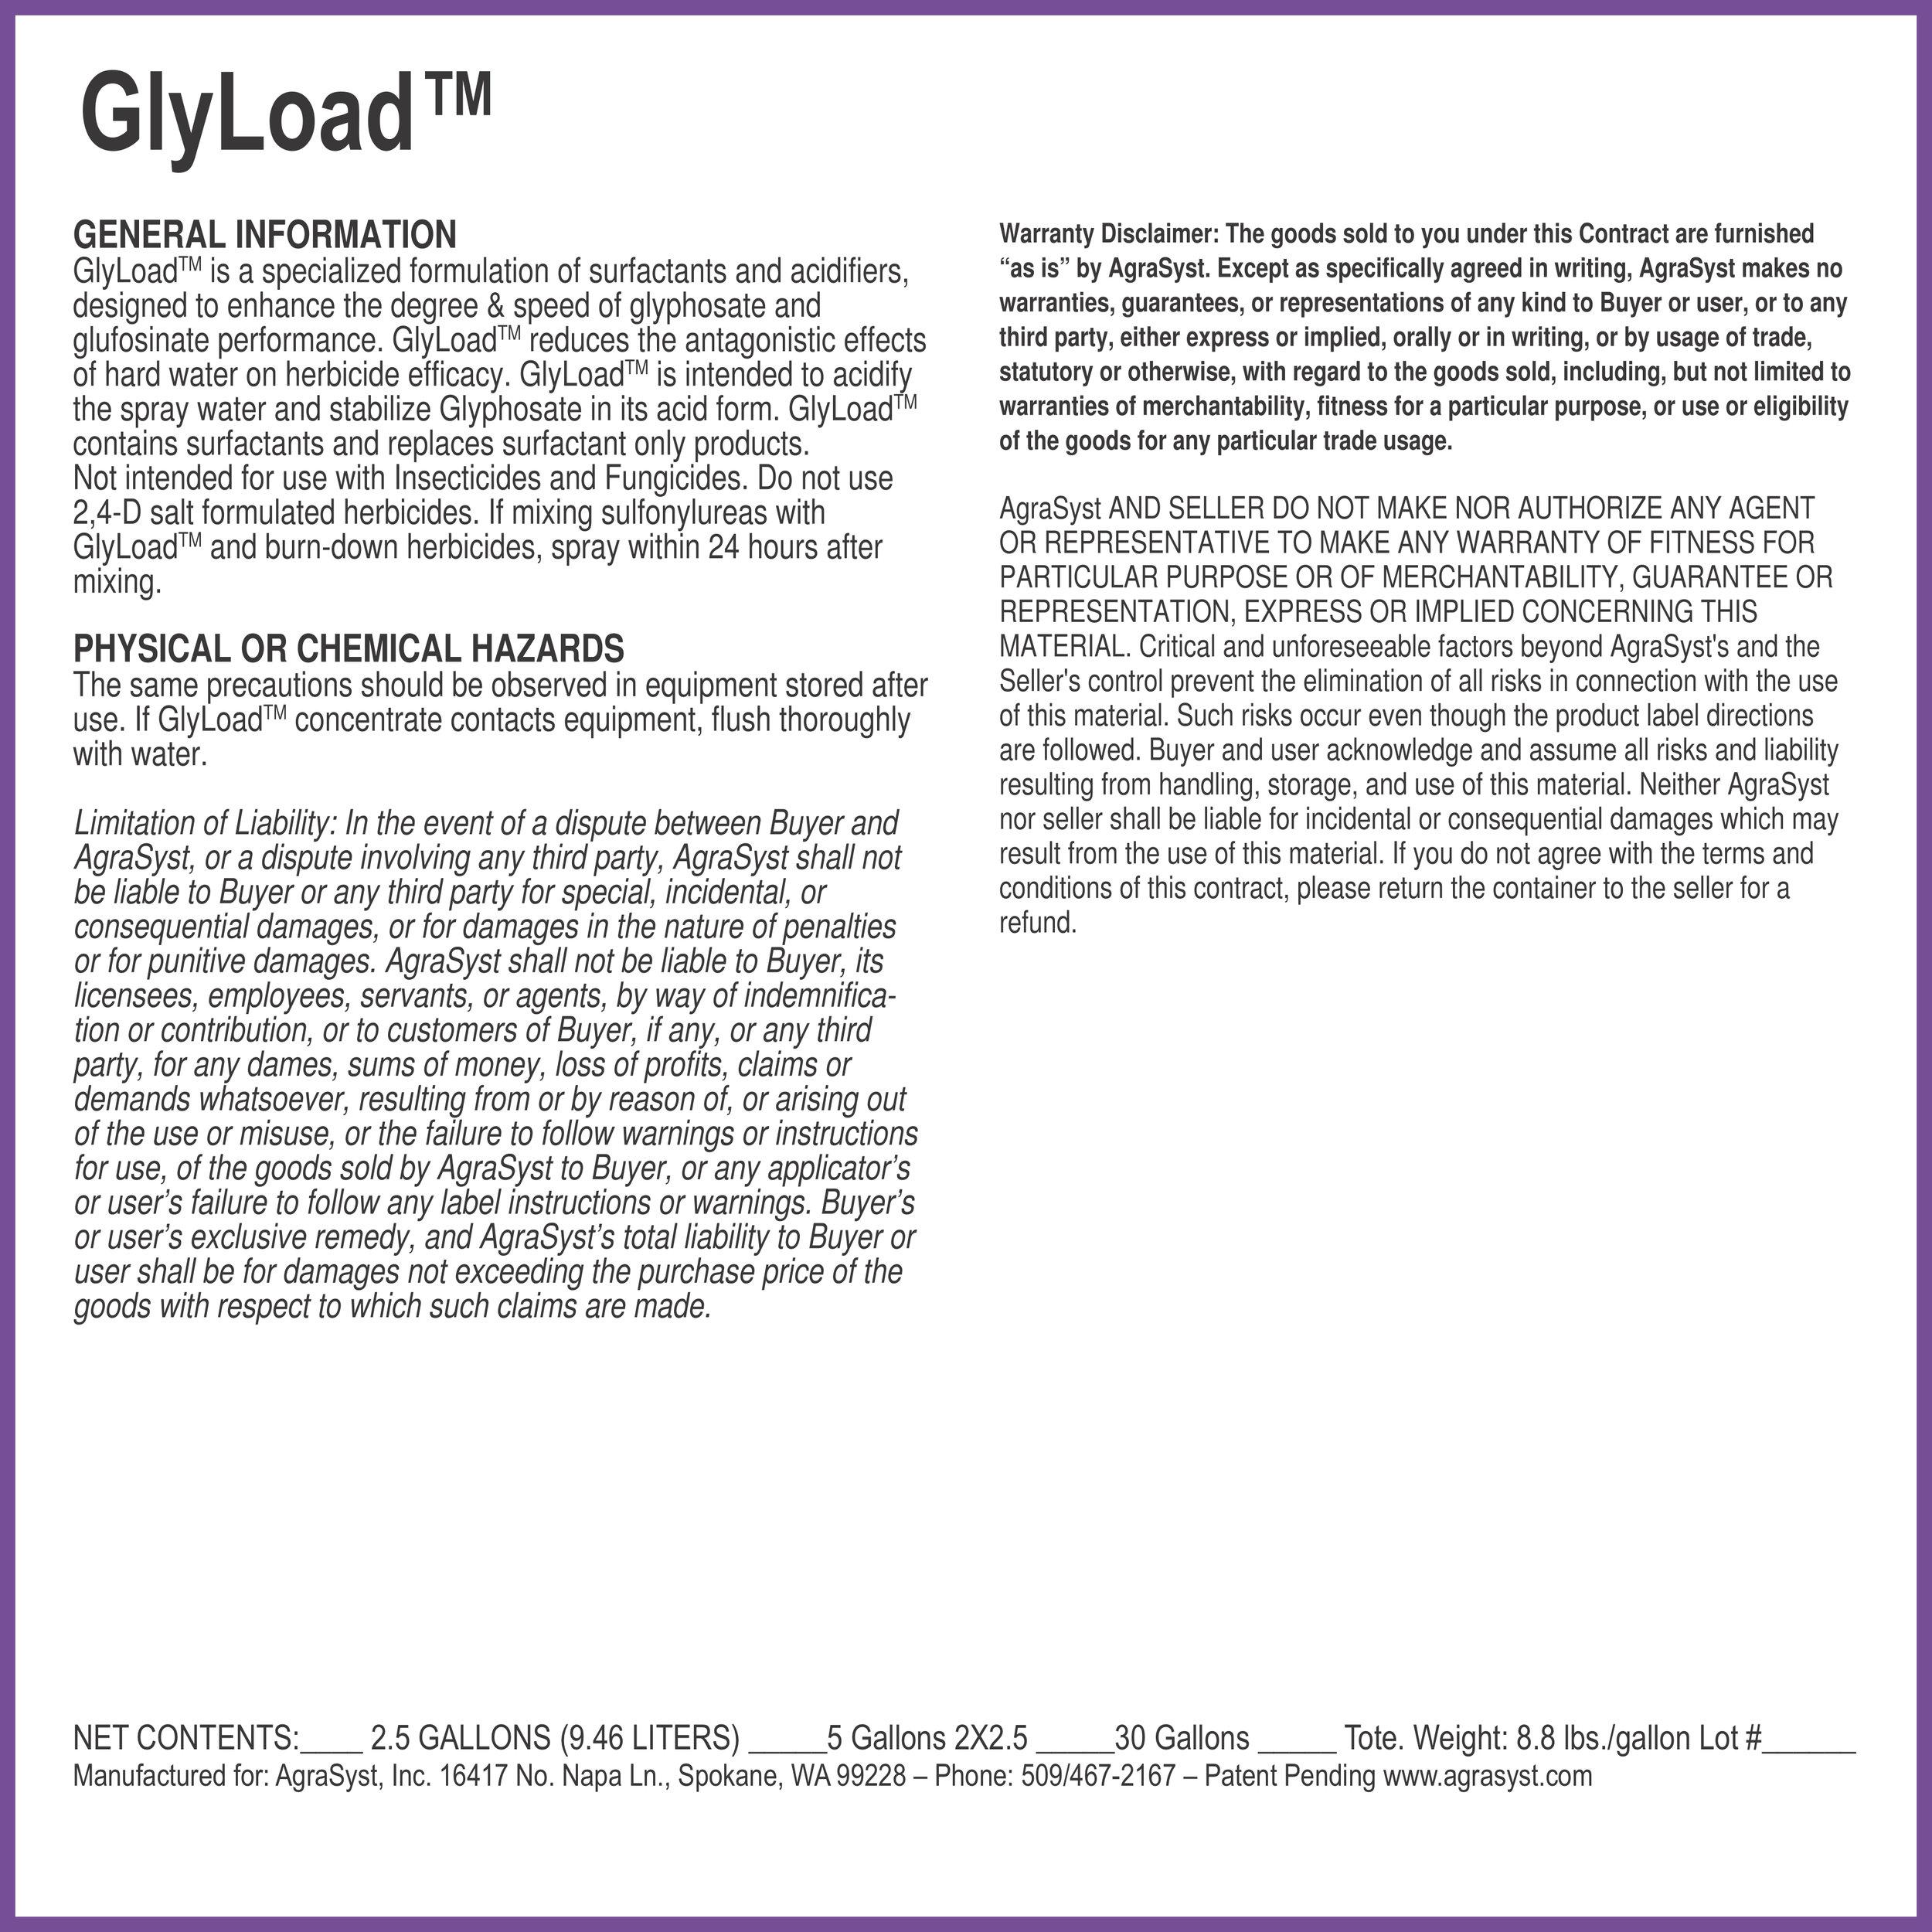 GlyLoad_back GHS 3-12-18 Outlined.jpg